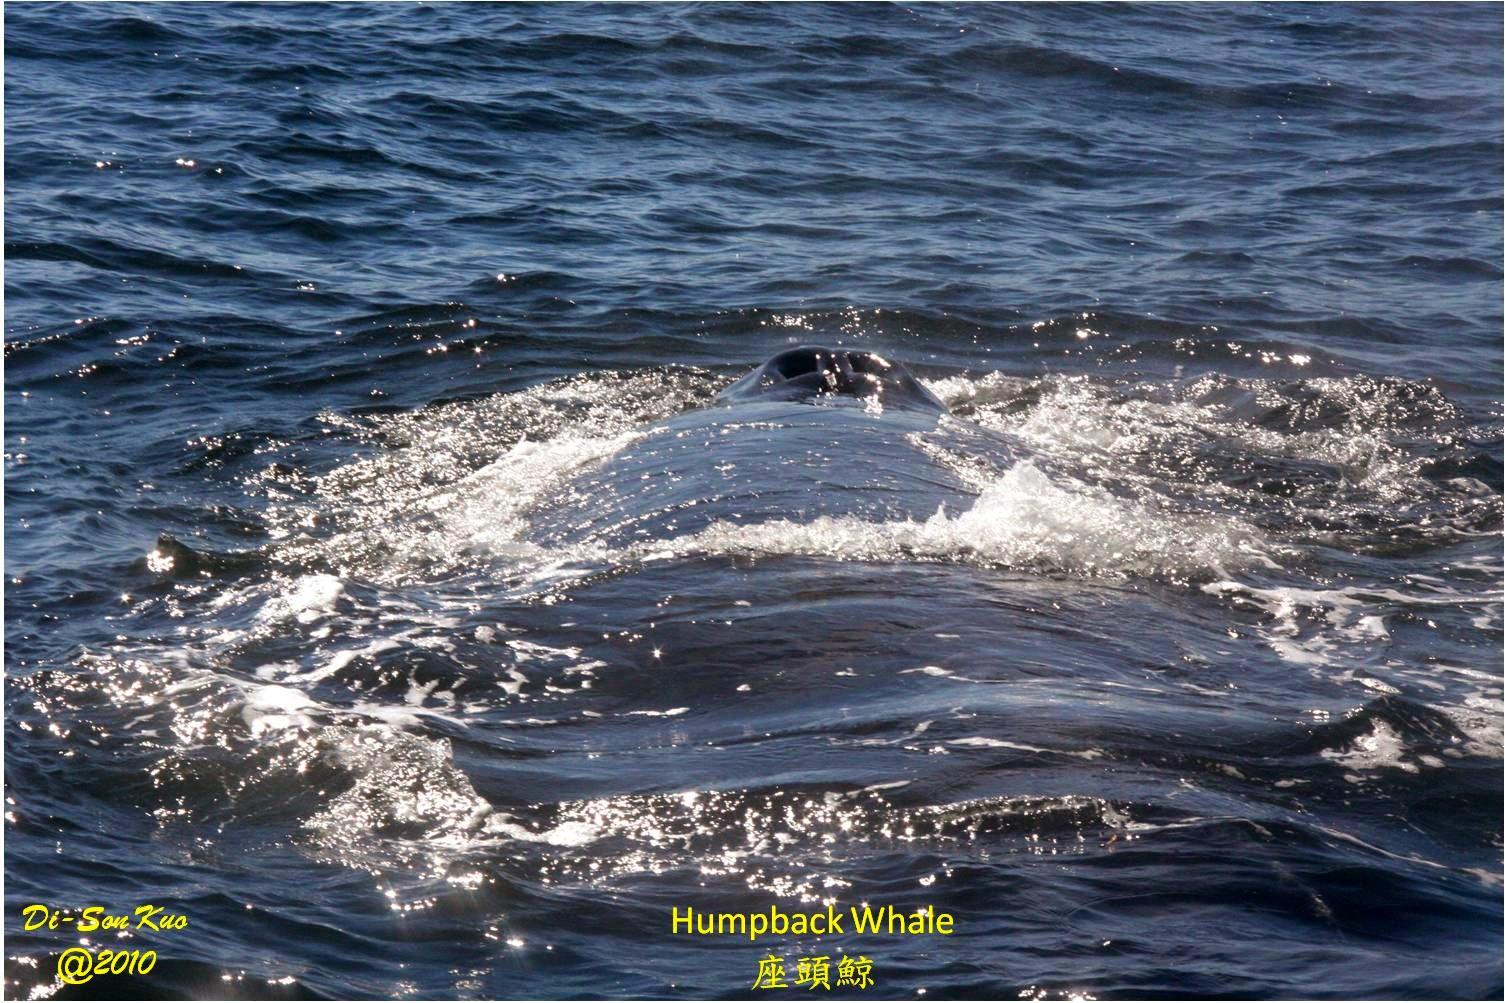 行雲隨筆: 舊金山附近的鯨魚和海豚 (二)